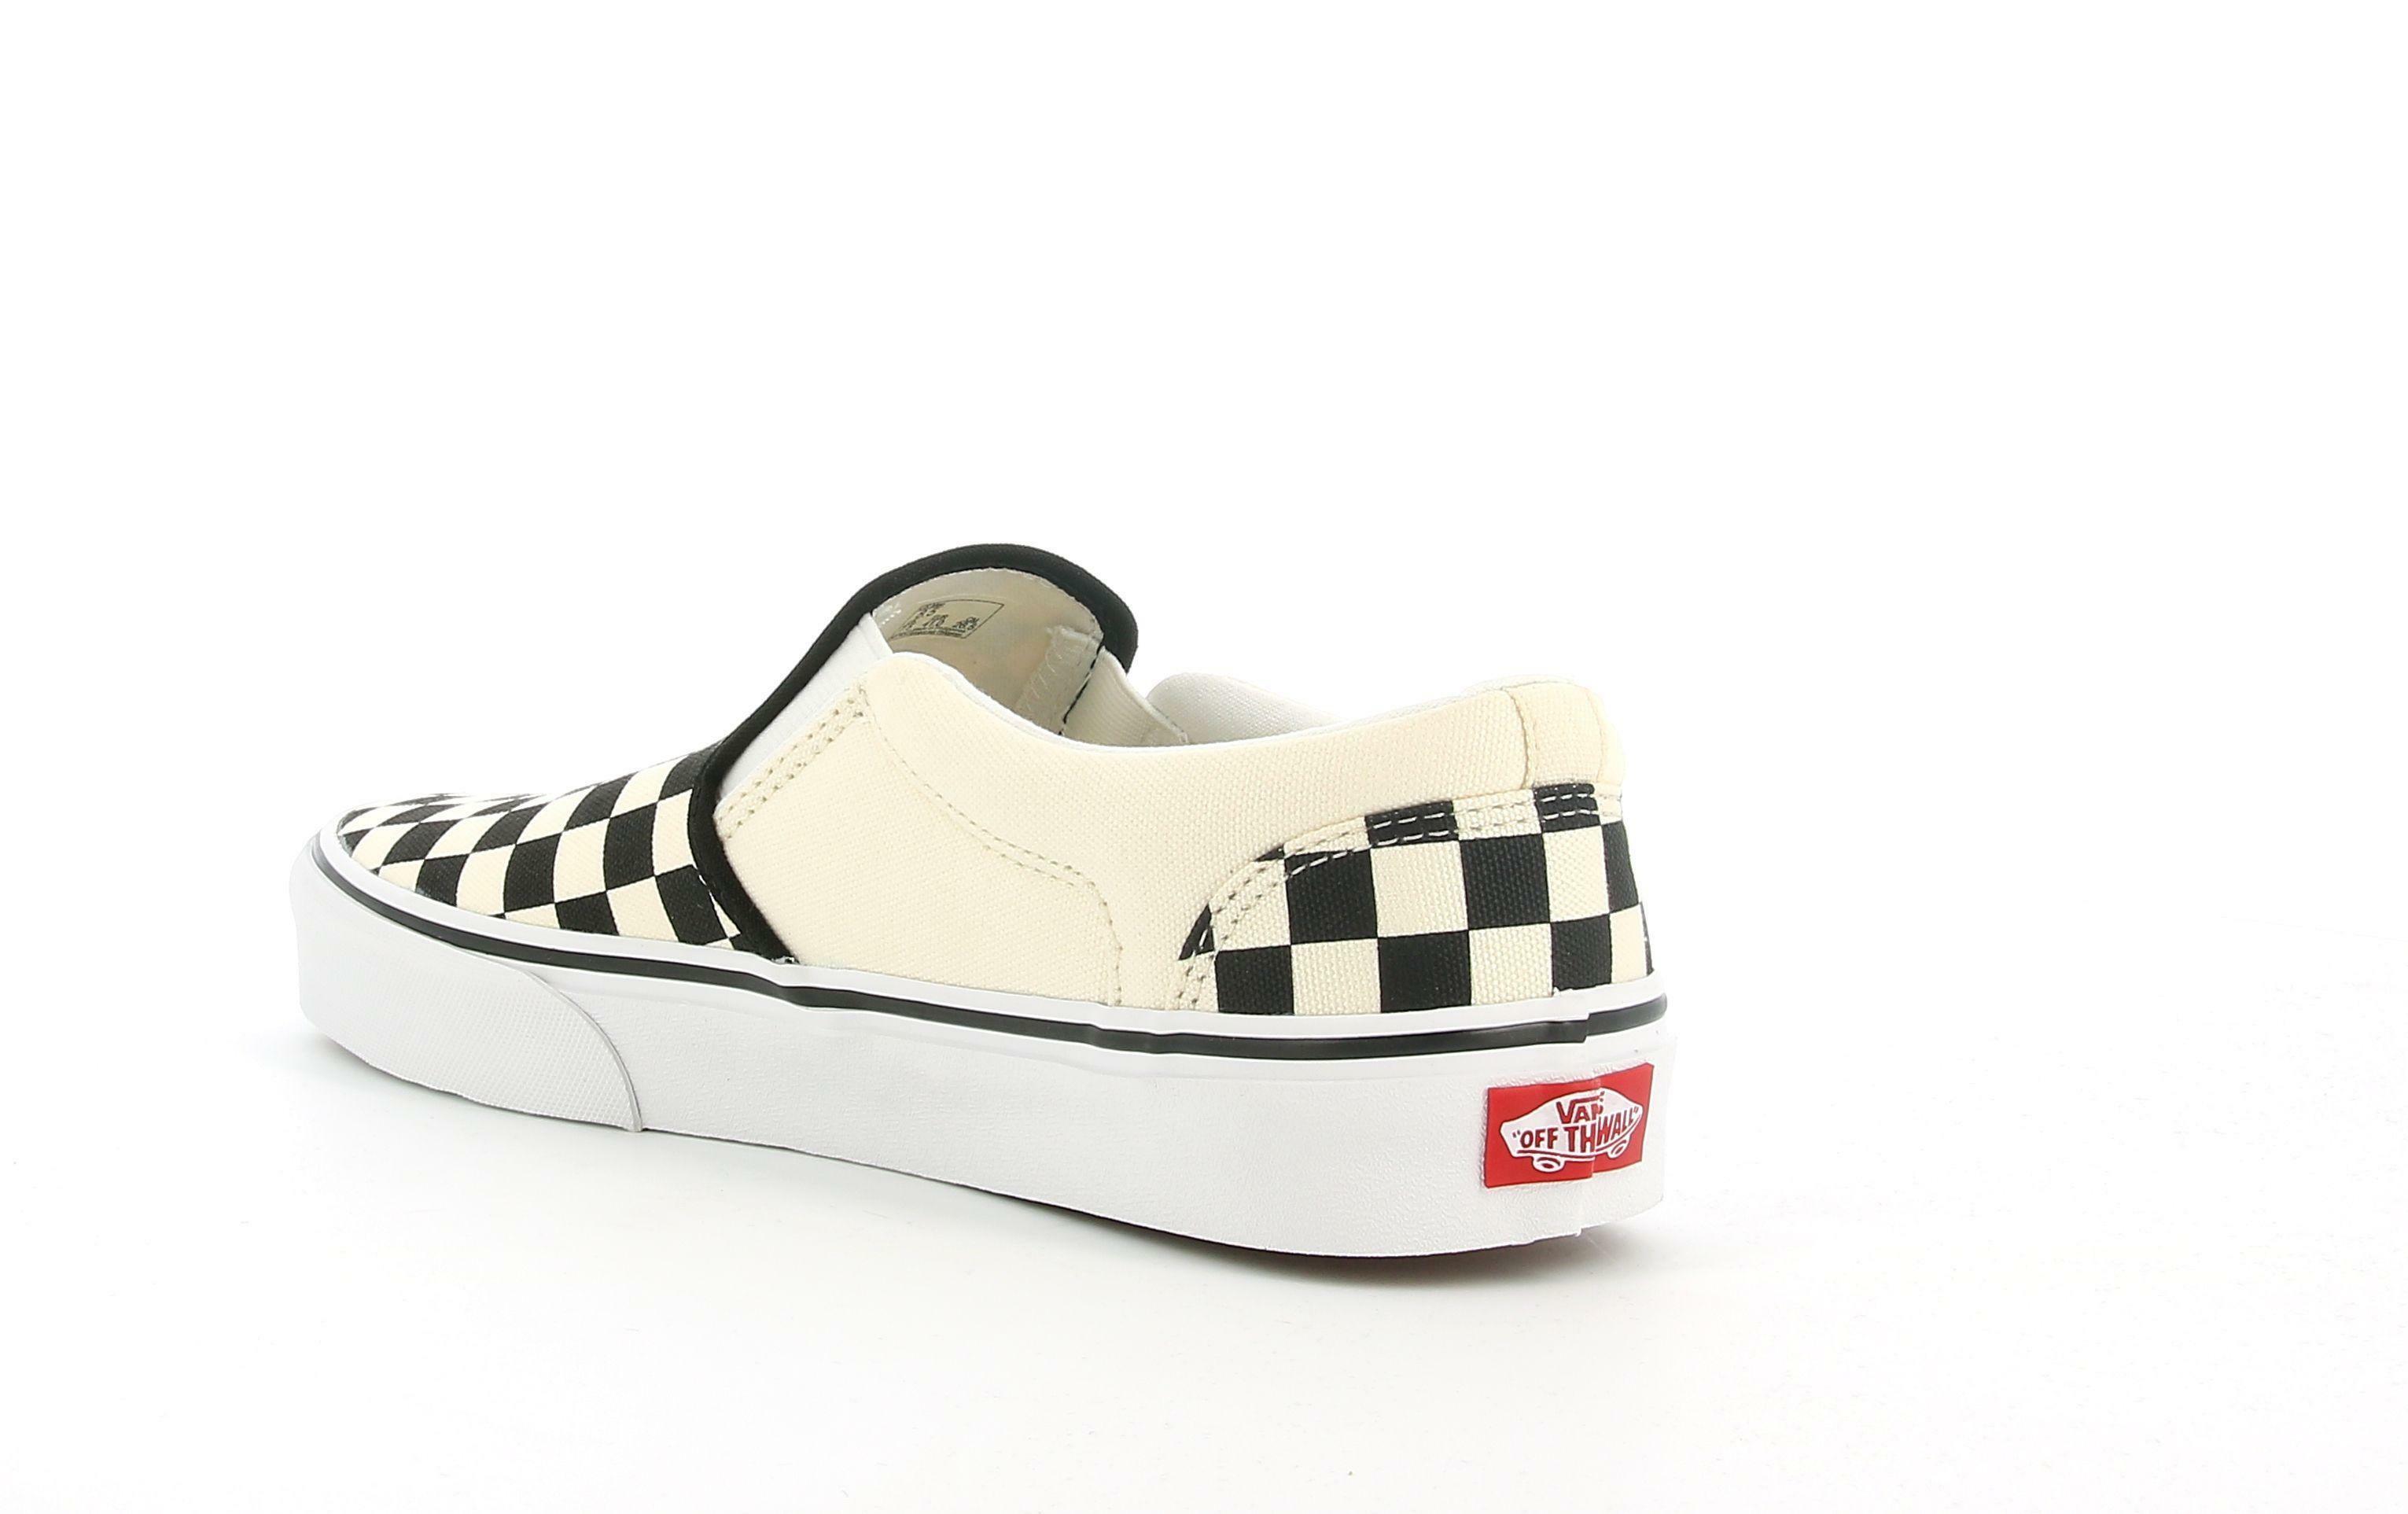 vans vans asher checkers slip on vn000seqipd1 sneaker unisex tela nera/naturale